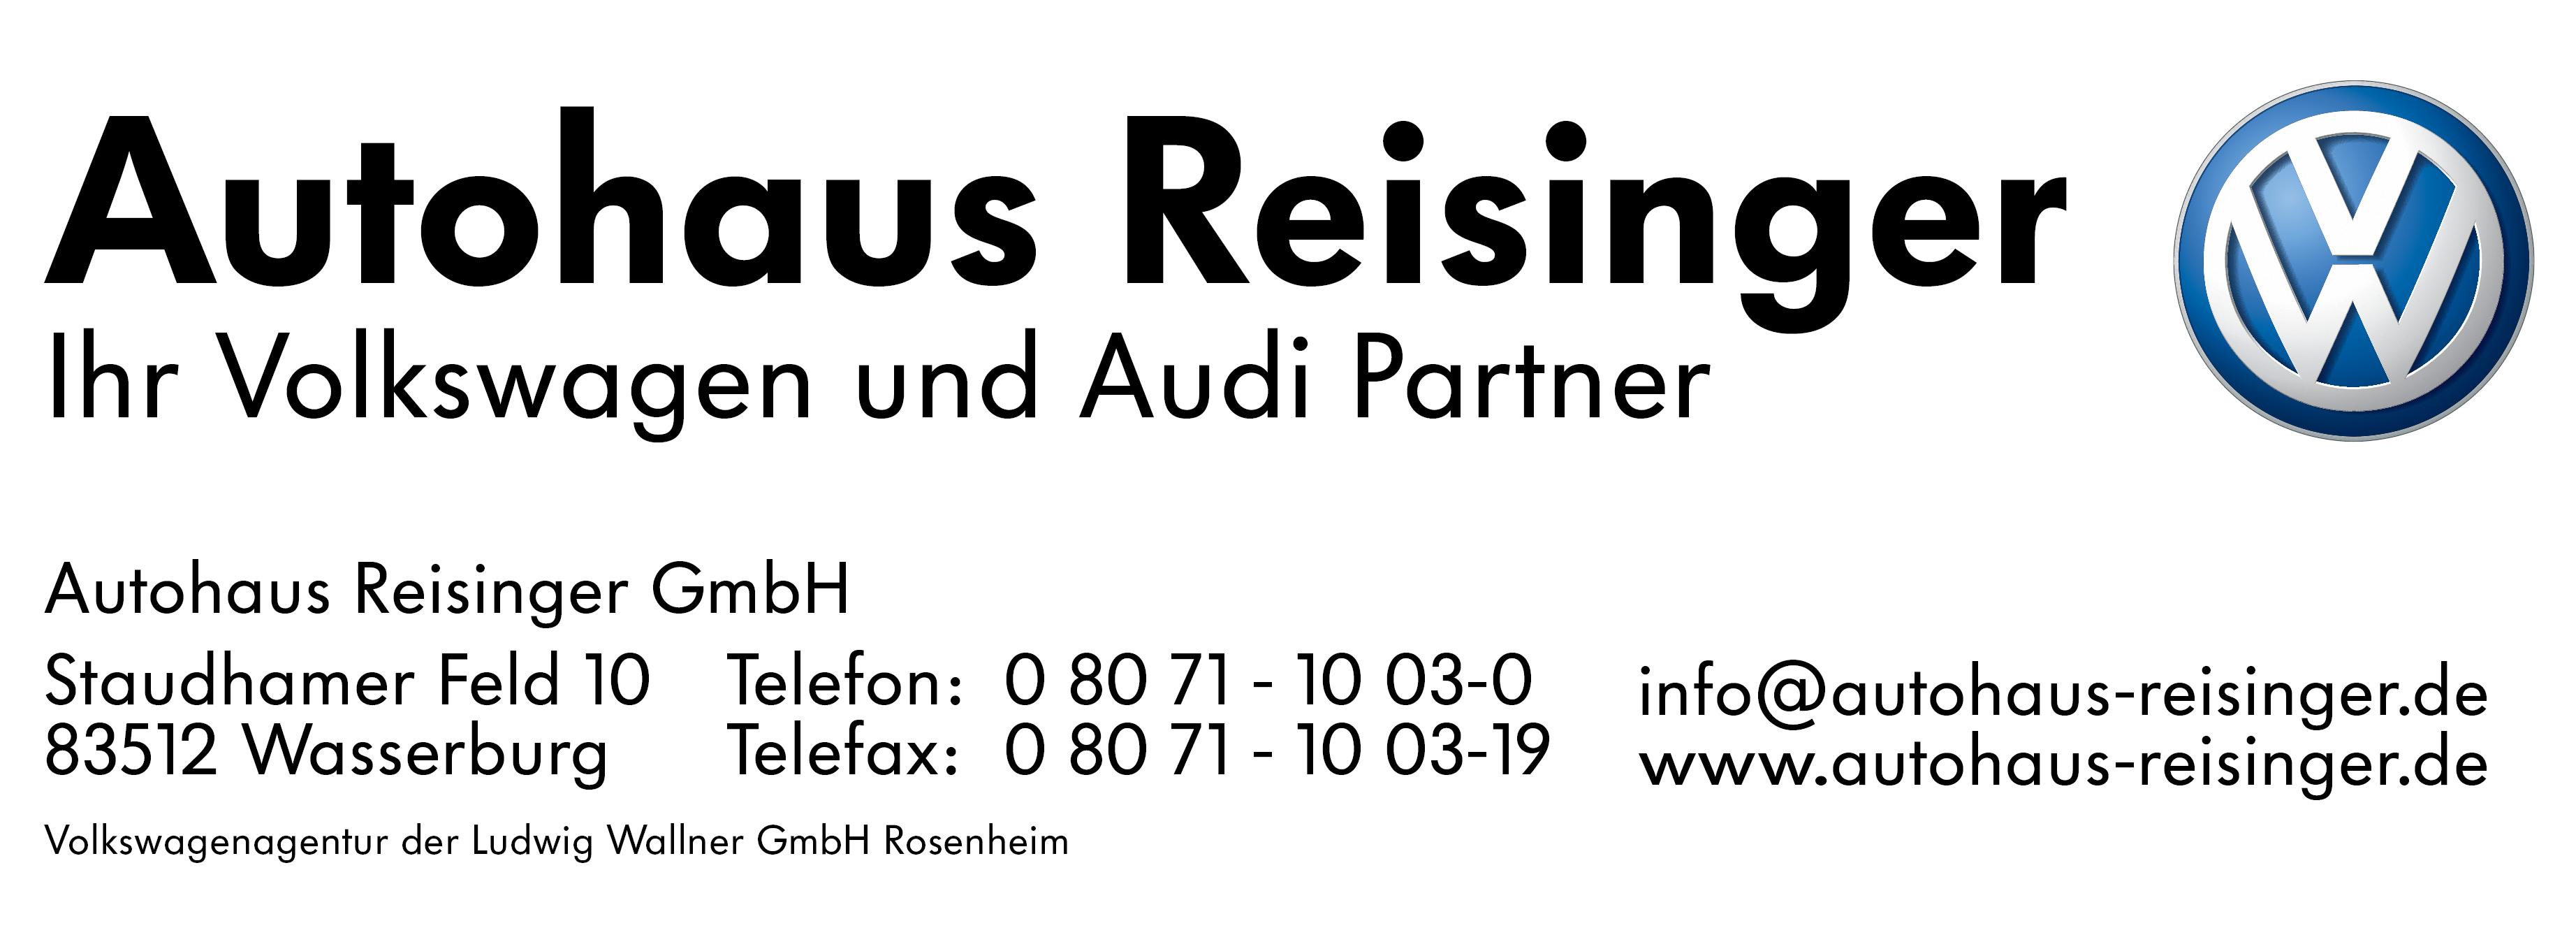 Autohaus Reisinger GmbH